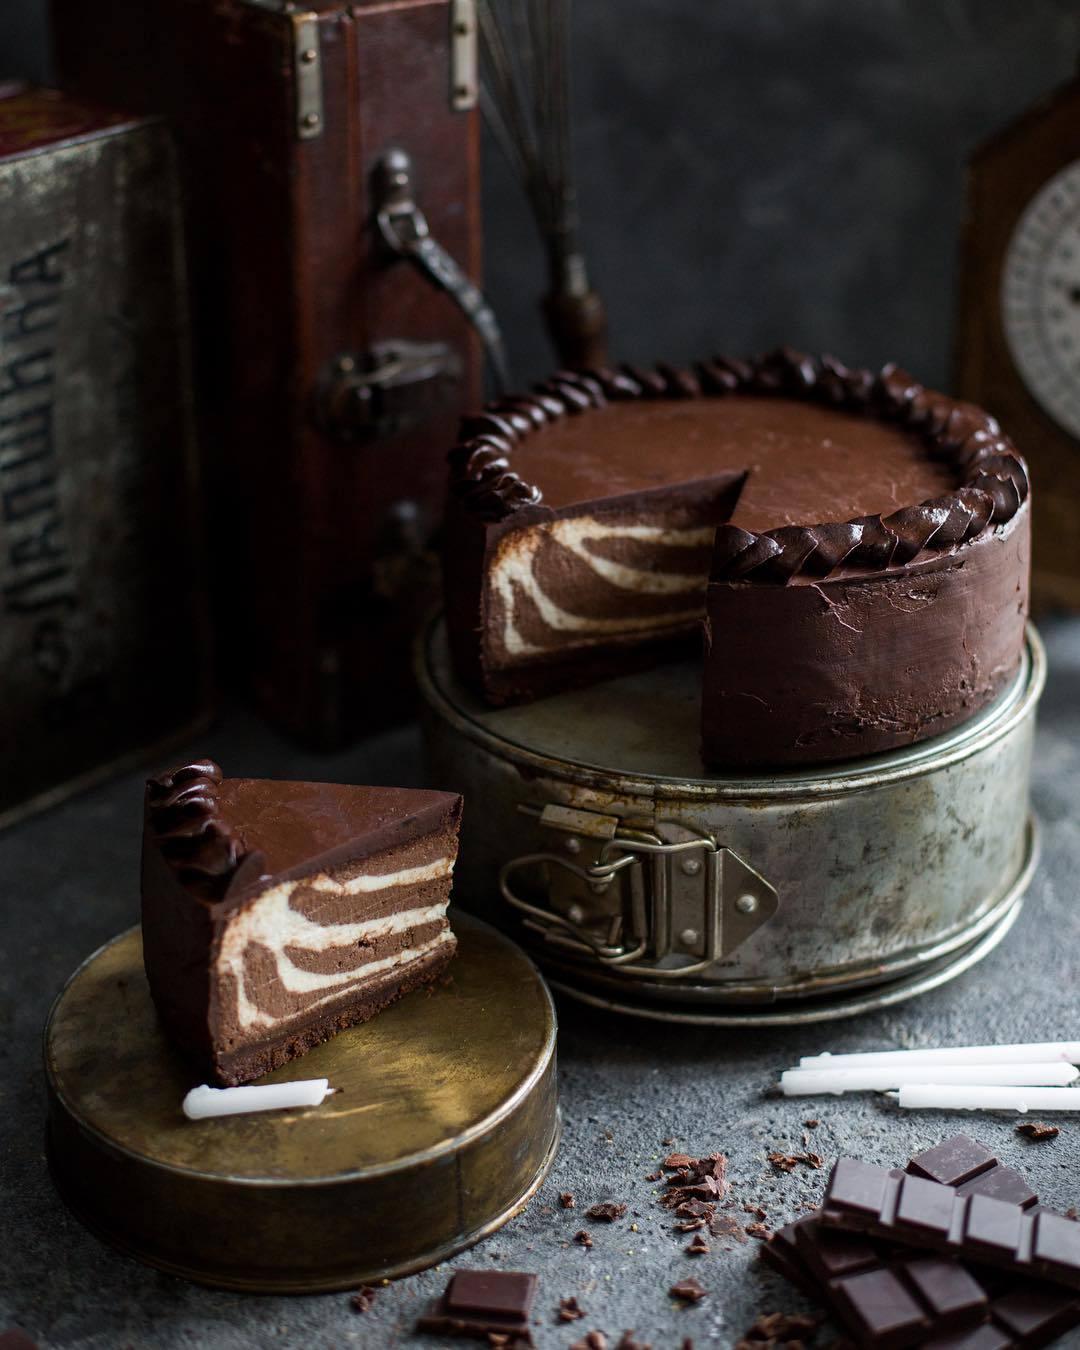 宠物-这位漂亮的美女蛋糕师,让猫咪来为蛋糕代言,将平淡无奇的蛋糕化腐朽为神奇(47)